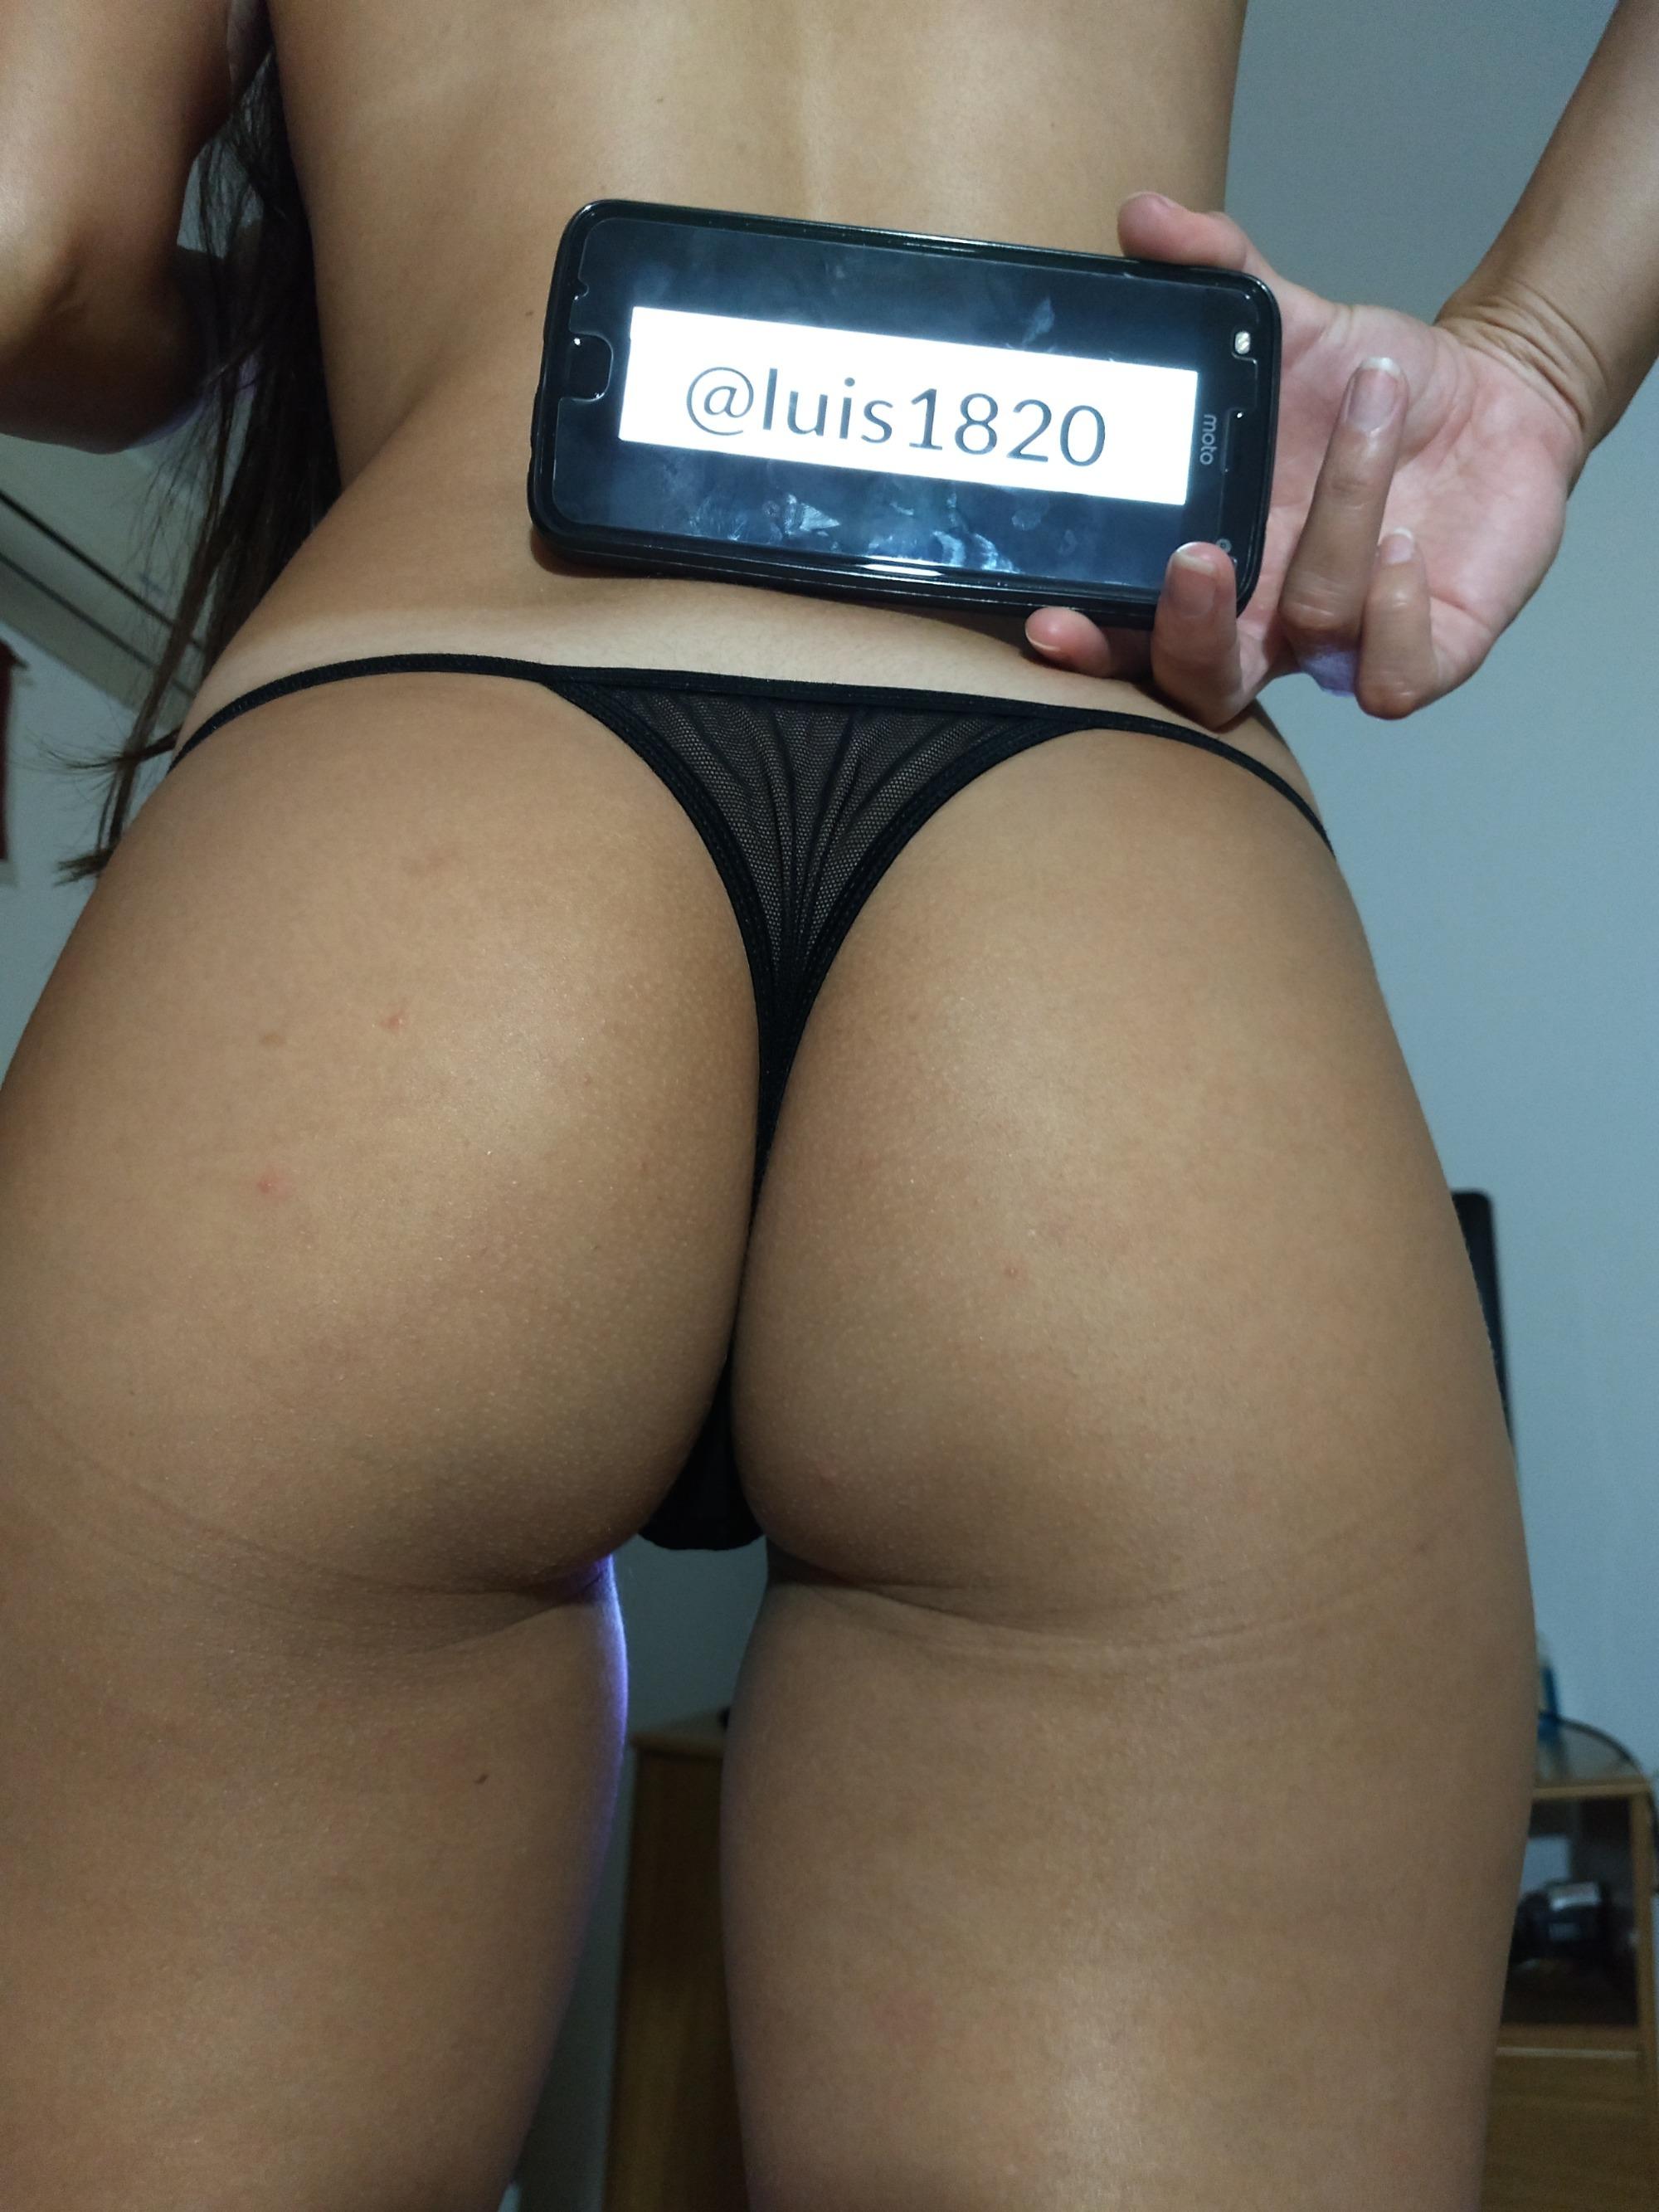 Luis1820 nro 13